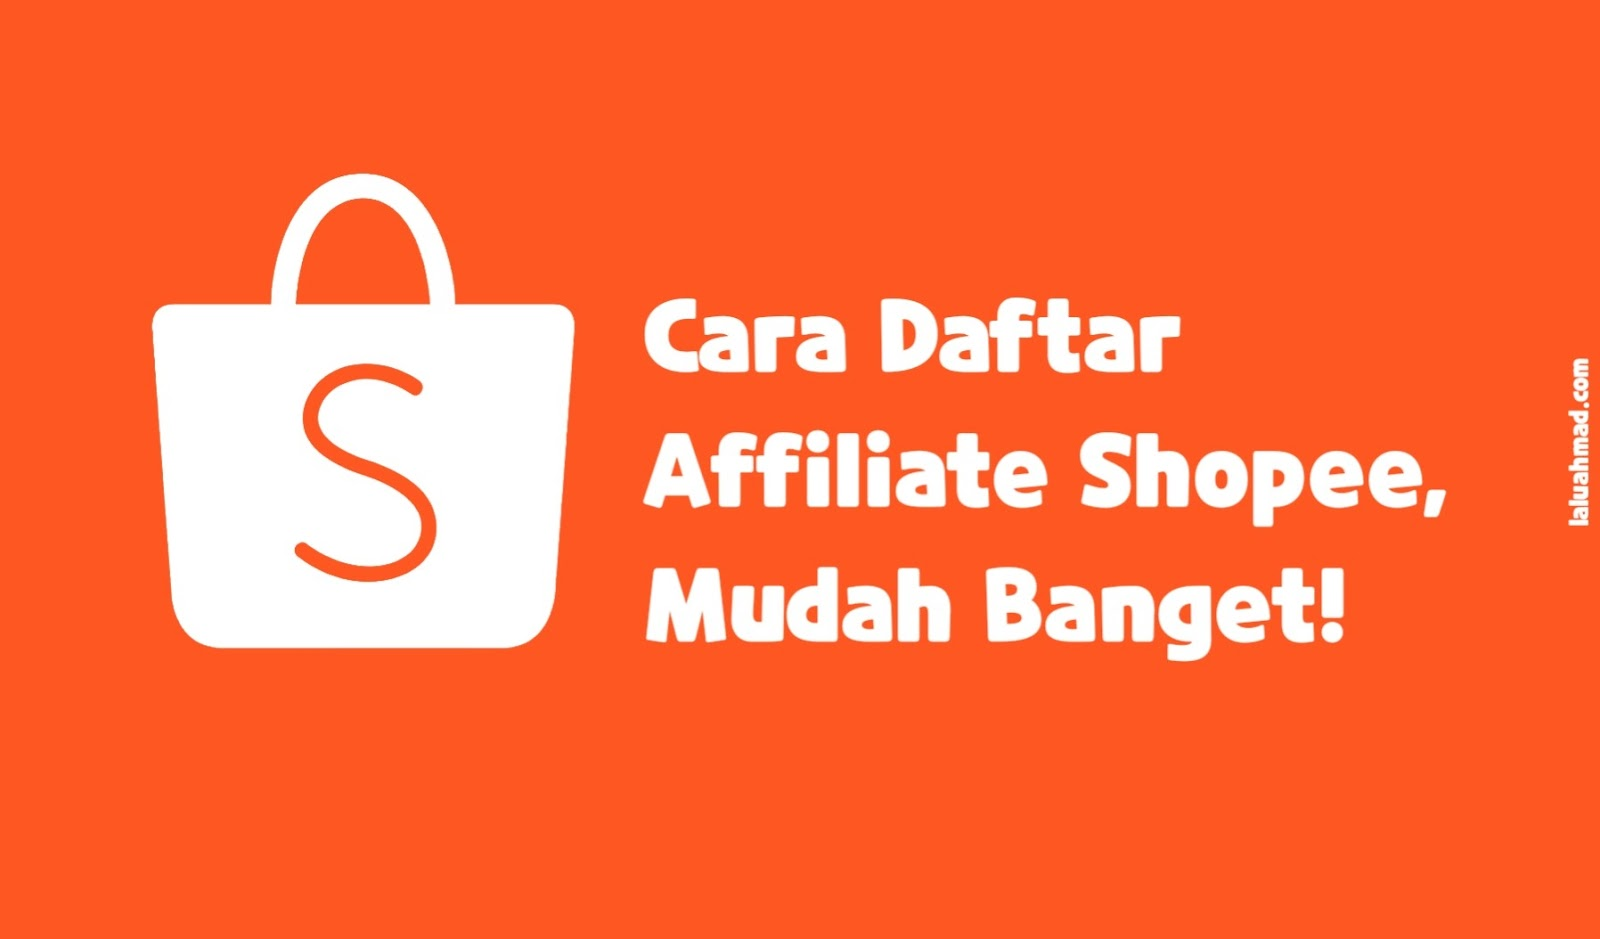 Begini Cara Daftar Affiliate Shopee, Mudah Banget